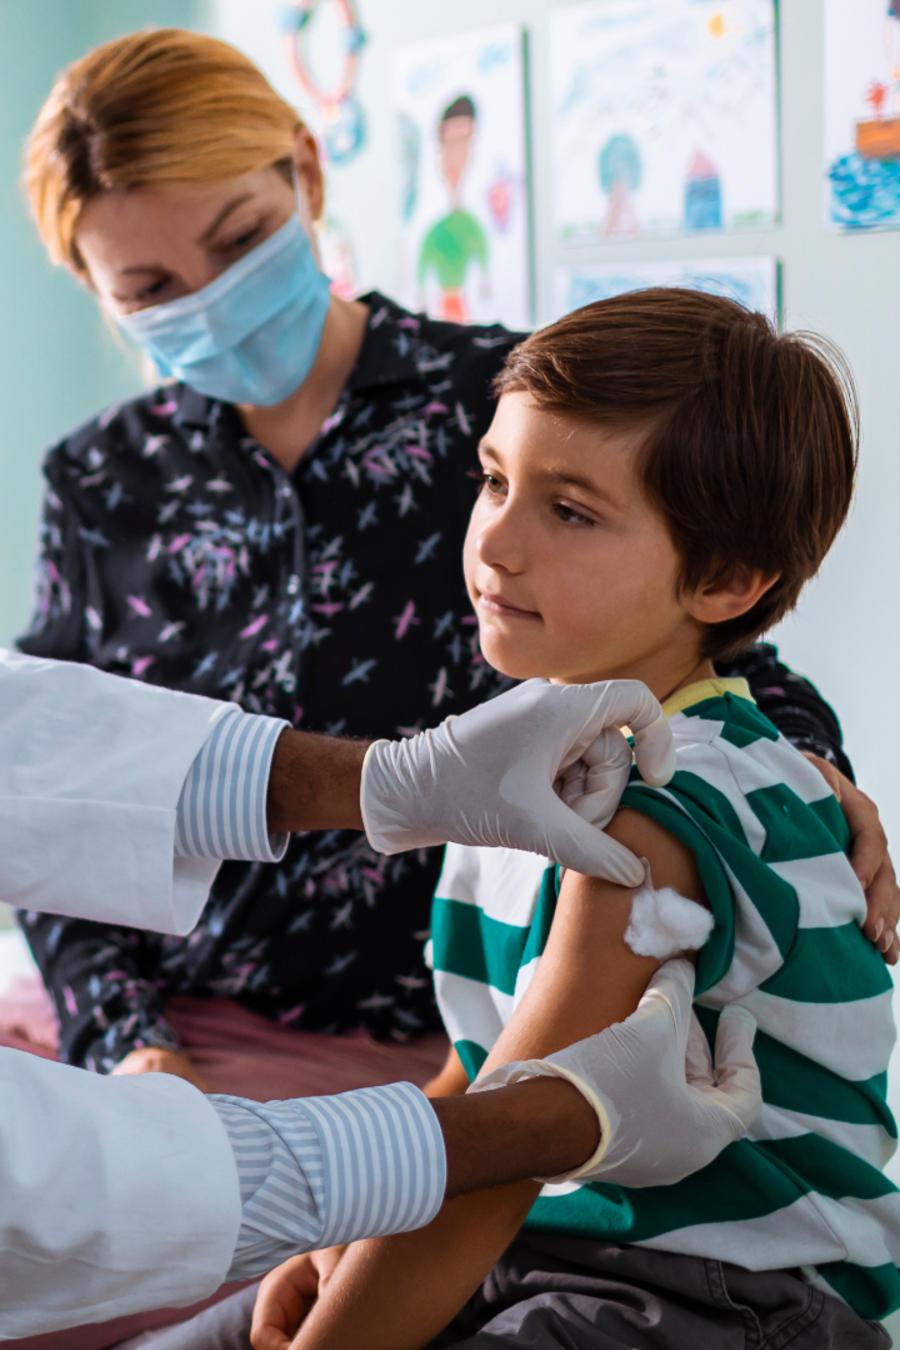 medico vacunando niño